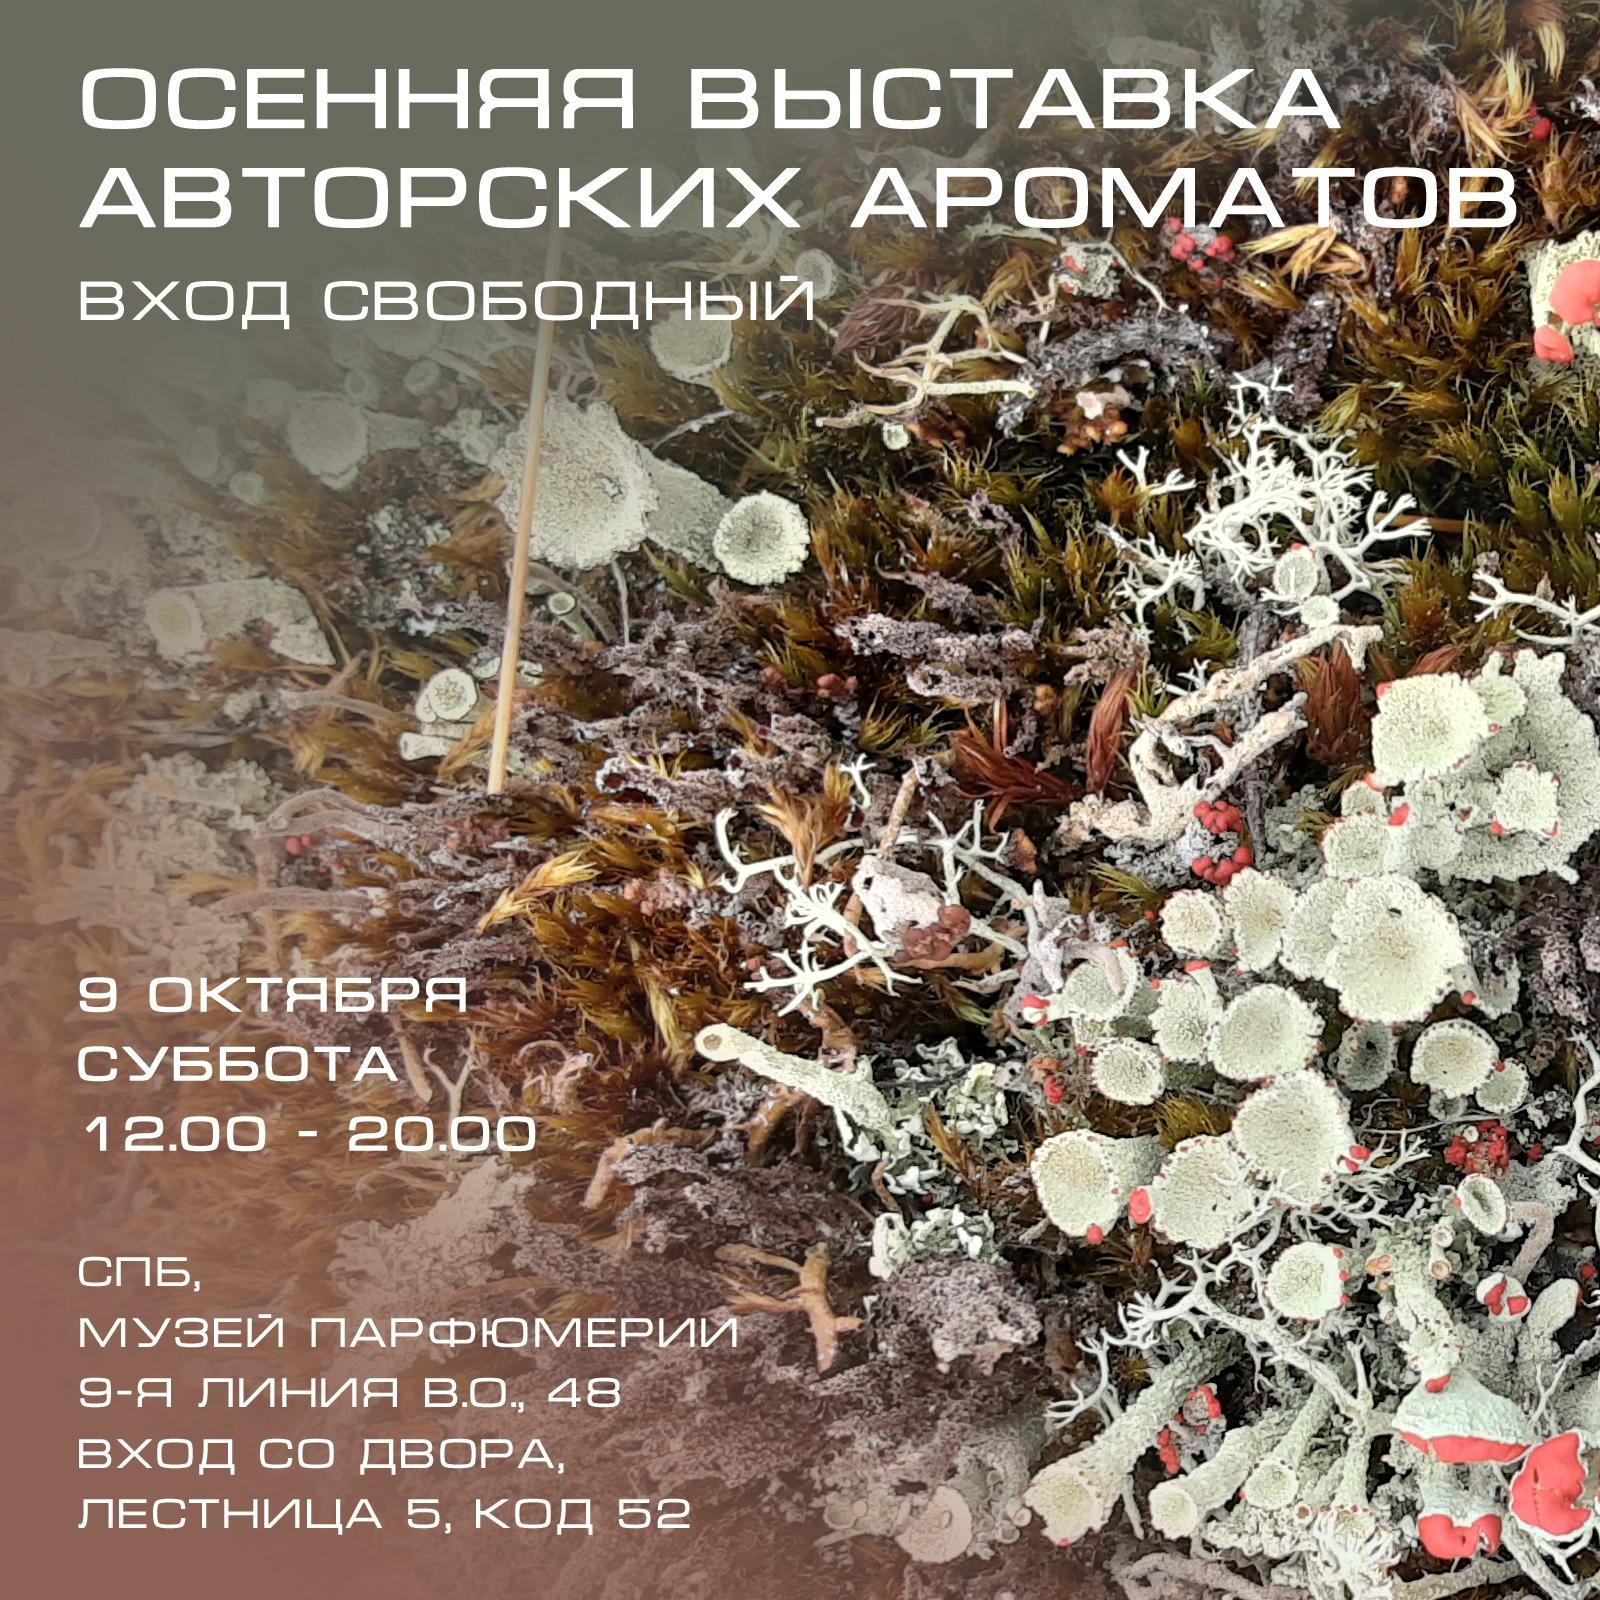 Сезонная выставка-продажа авторских ароматов